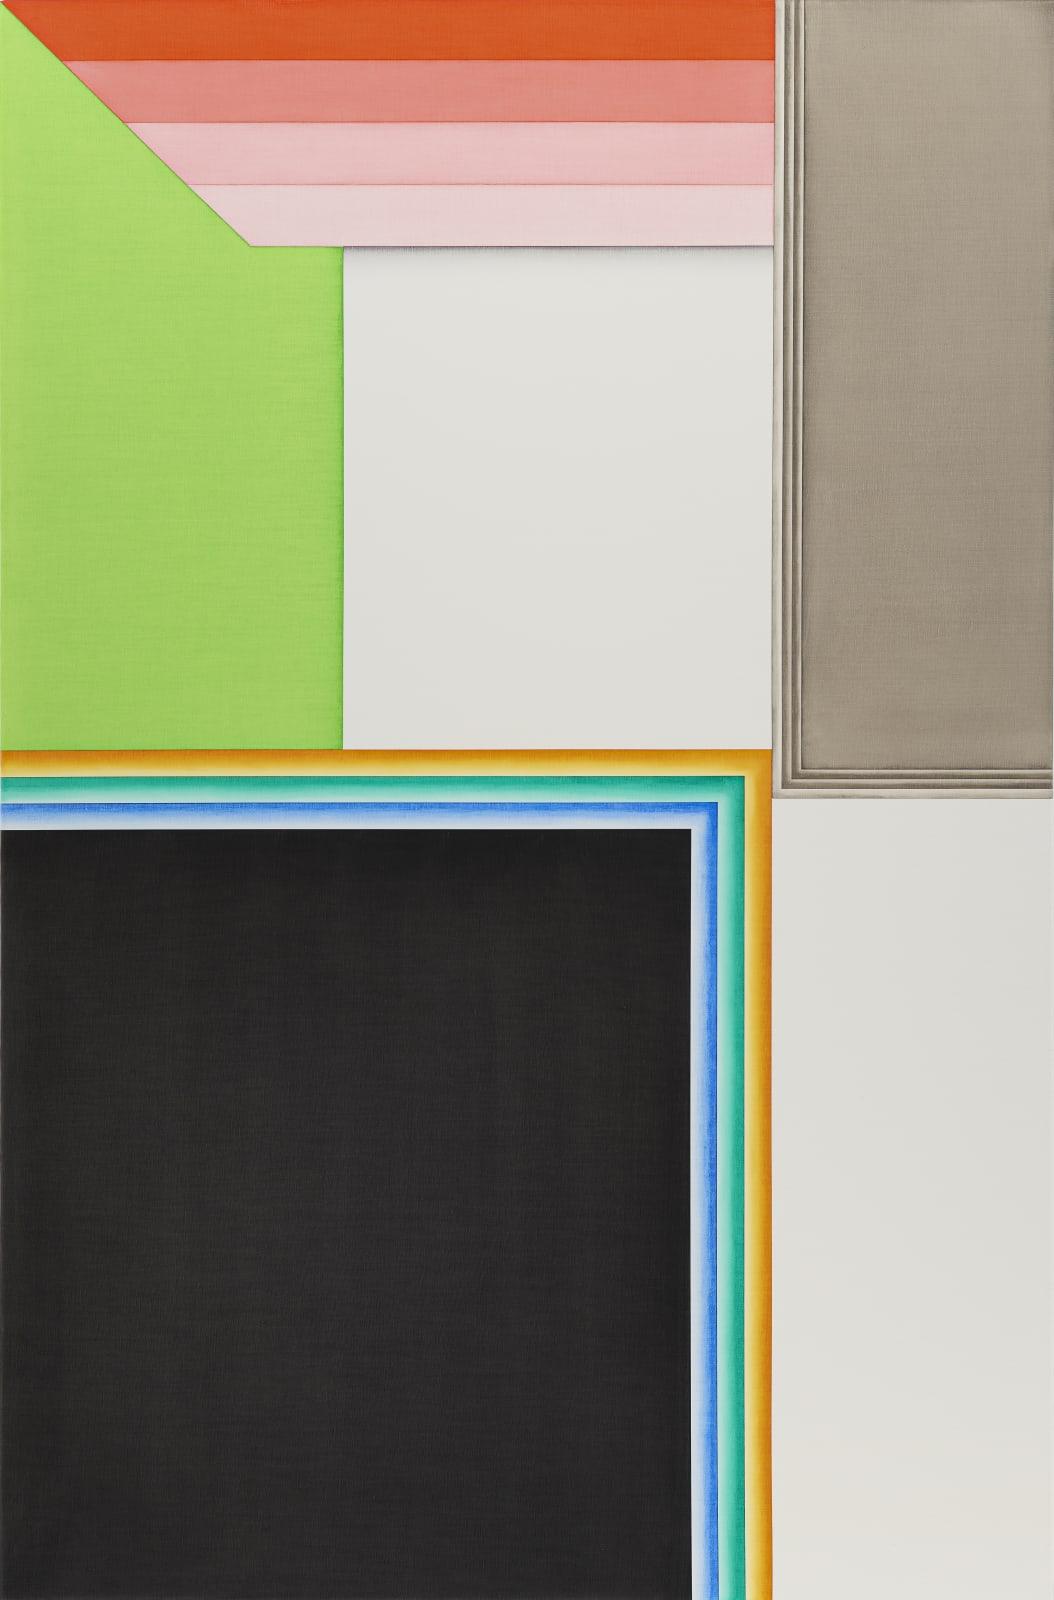 Selma Parlour, Eftsoons IX, 2021, oil on linen, 116.84 x 72.6 cm